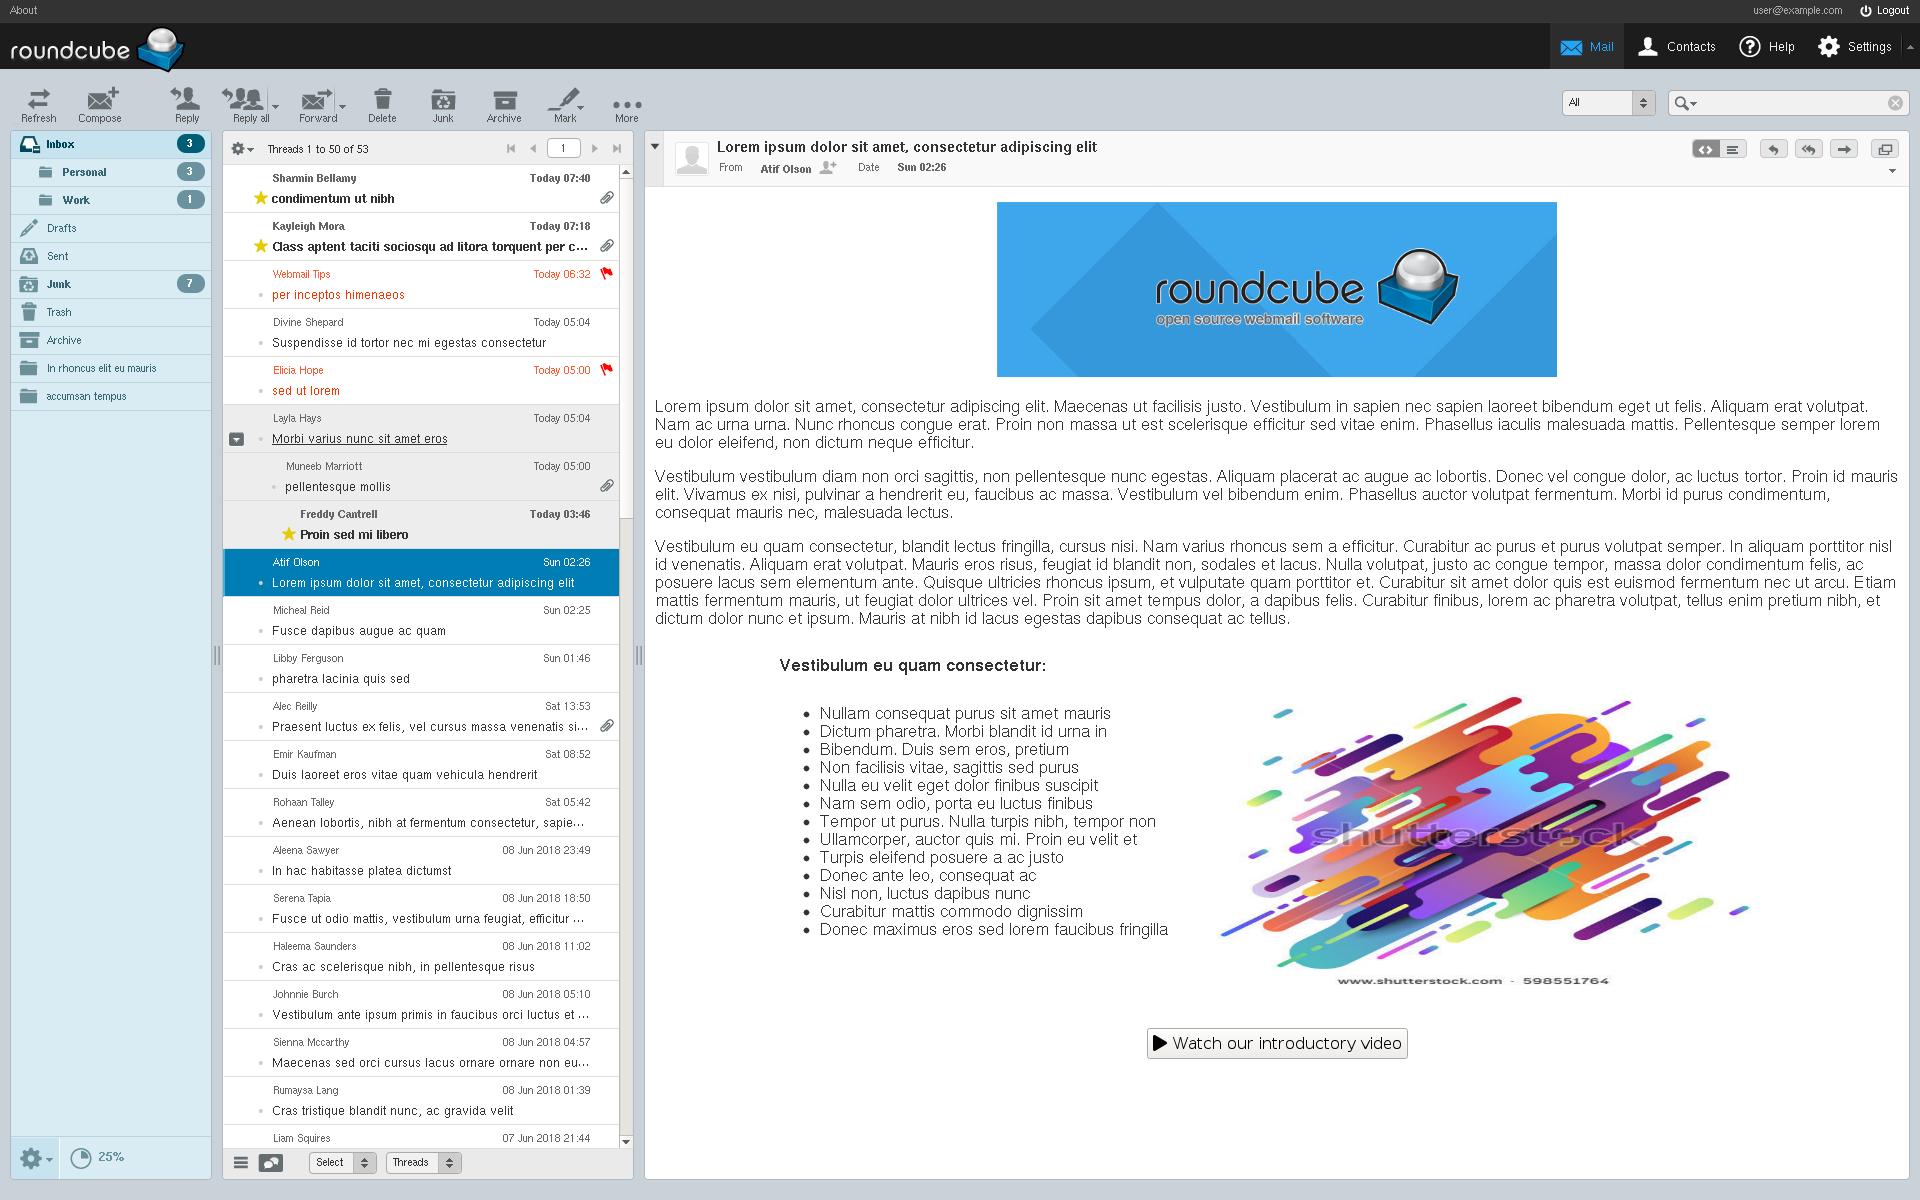 Roundcube Screenshot 1